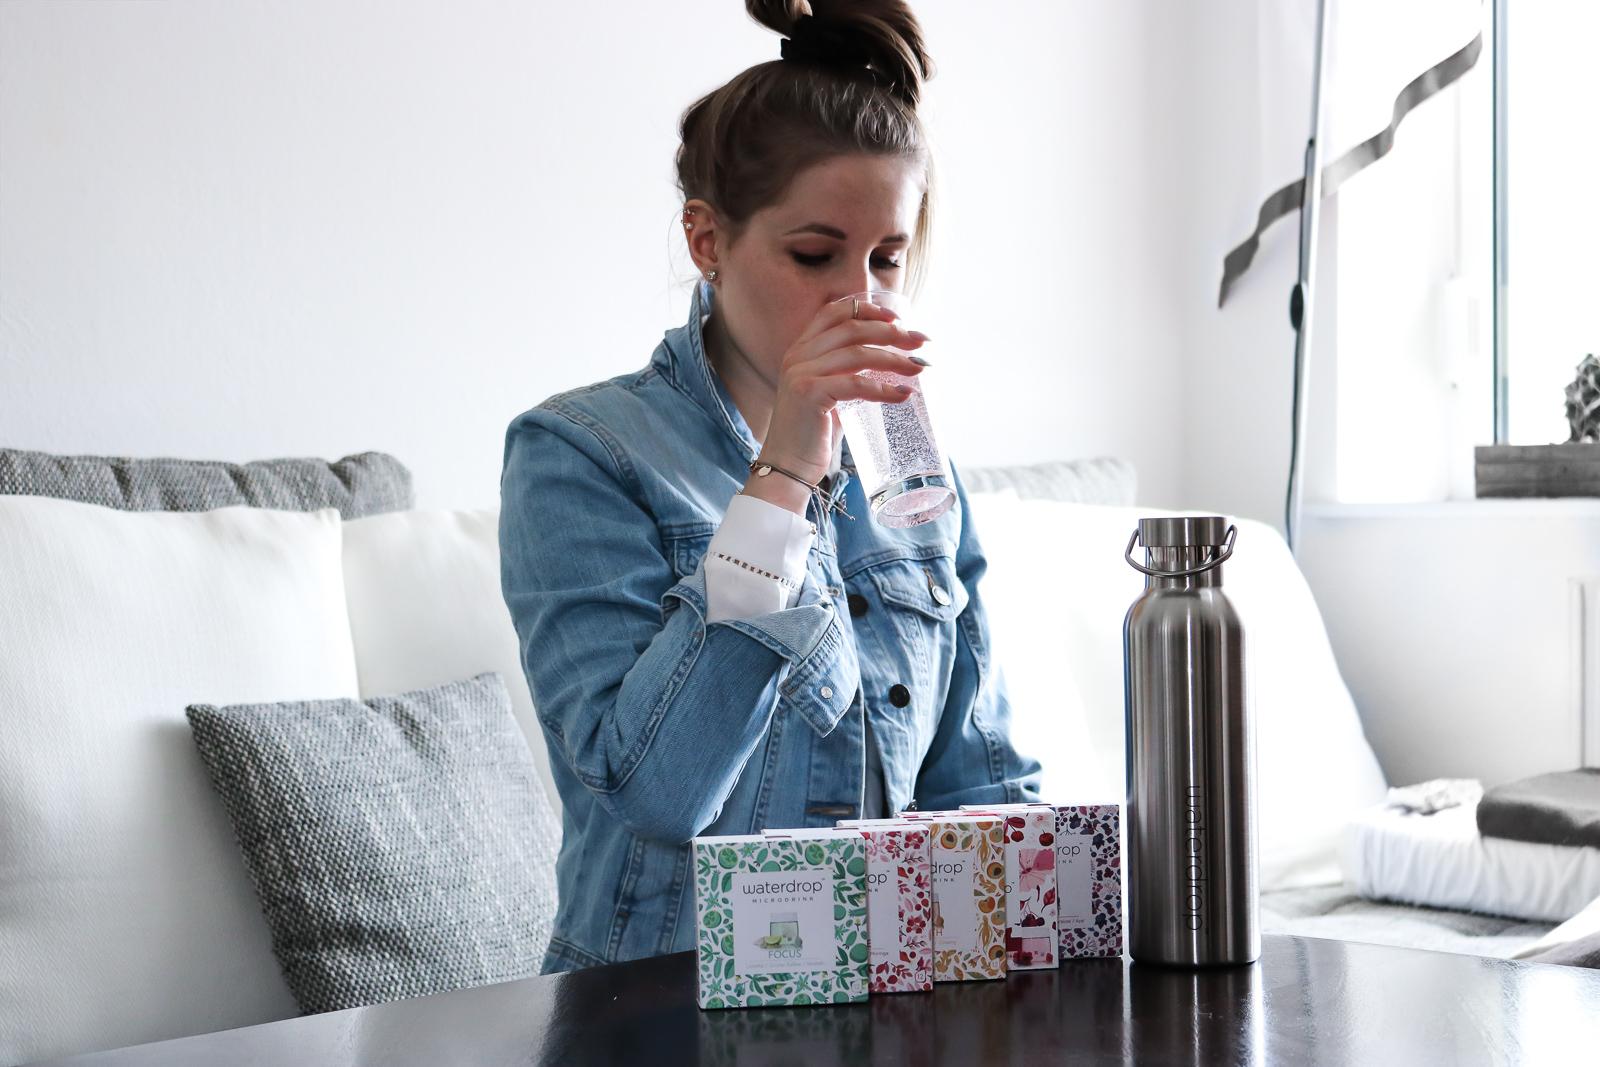 Trinken nicht vergessen - Tipps um mehr Wasser zu trinken - Trinktipps - genügend Wasser trinken mehr Wasser trinken - deine tägliche Wasserzufuhr erhöhen - so schaffst du es im Alltag mehr Wasser zu triken - Waterdrop Gutscheincode - Fashionladyloves by Tamara Wagner - Lifestyle Blog aus Graz Österreich